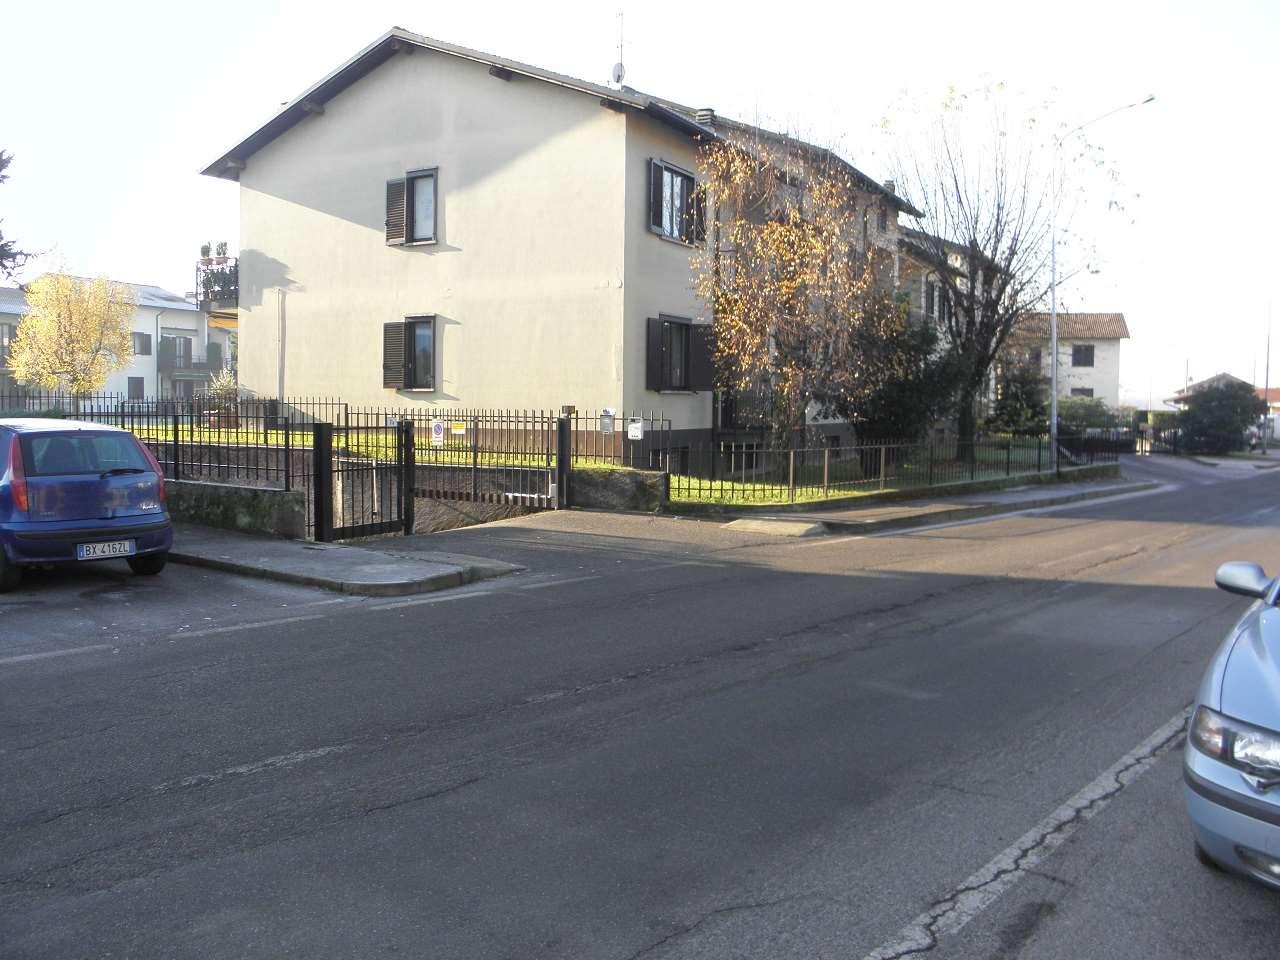 Magazzino in vendita a Capriate San Gervasio, 1 locali, prezzo € 59.000 | CambioCasa.it